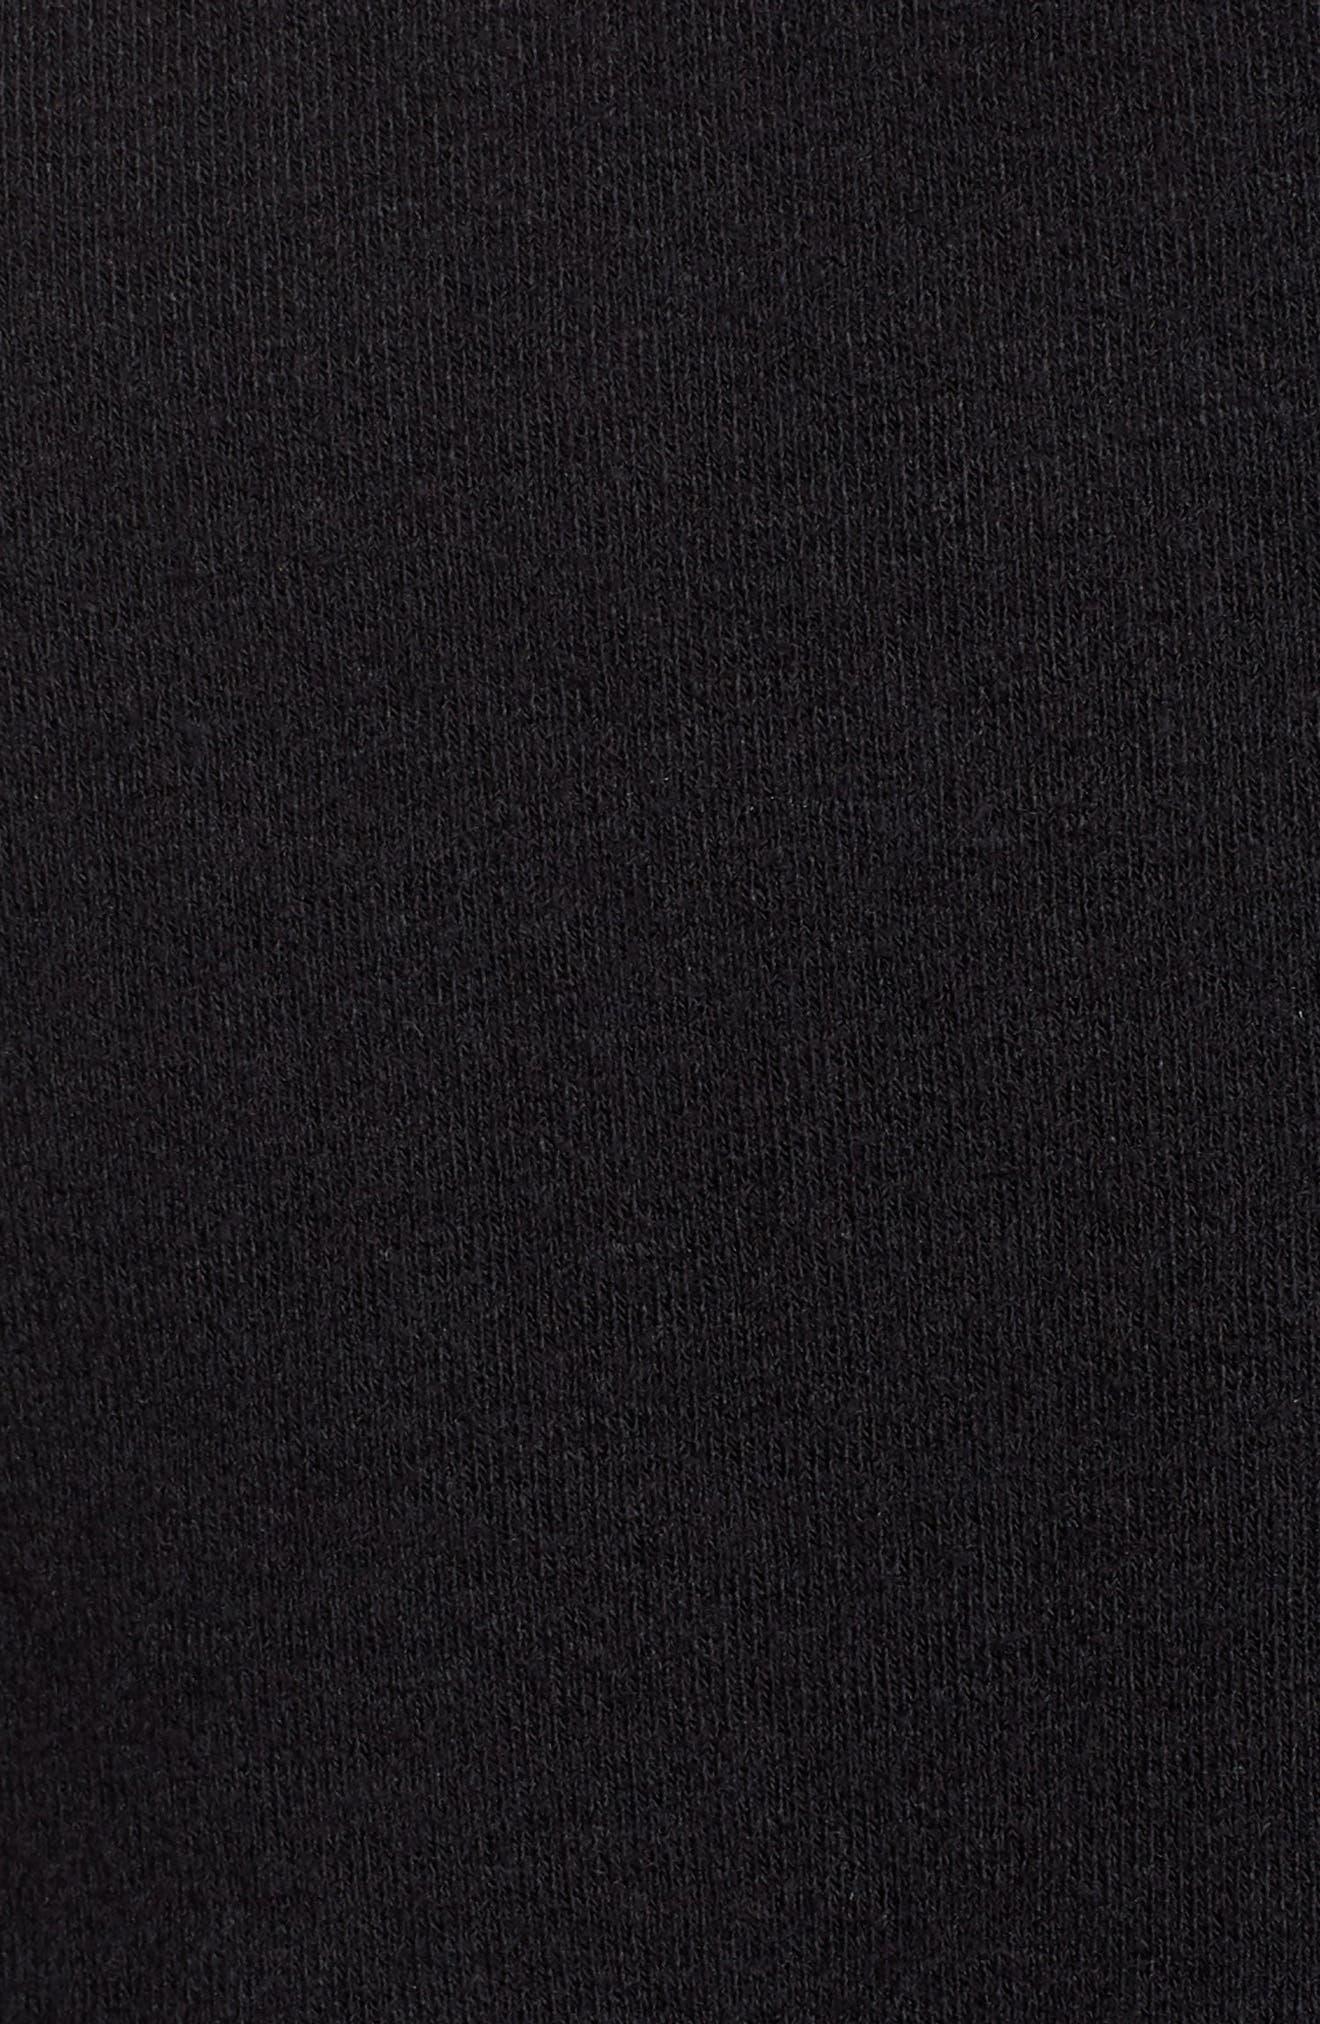 Cotton & Wool Zip Hoodie,                             Alternate thumbnail 5, color,                             Black Black